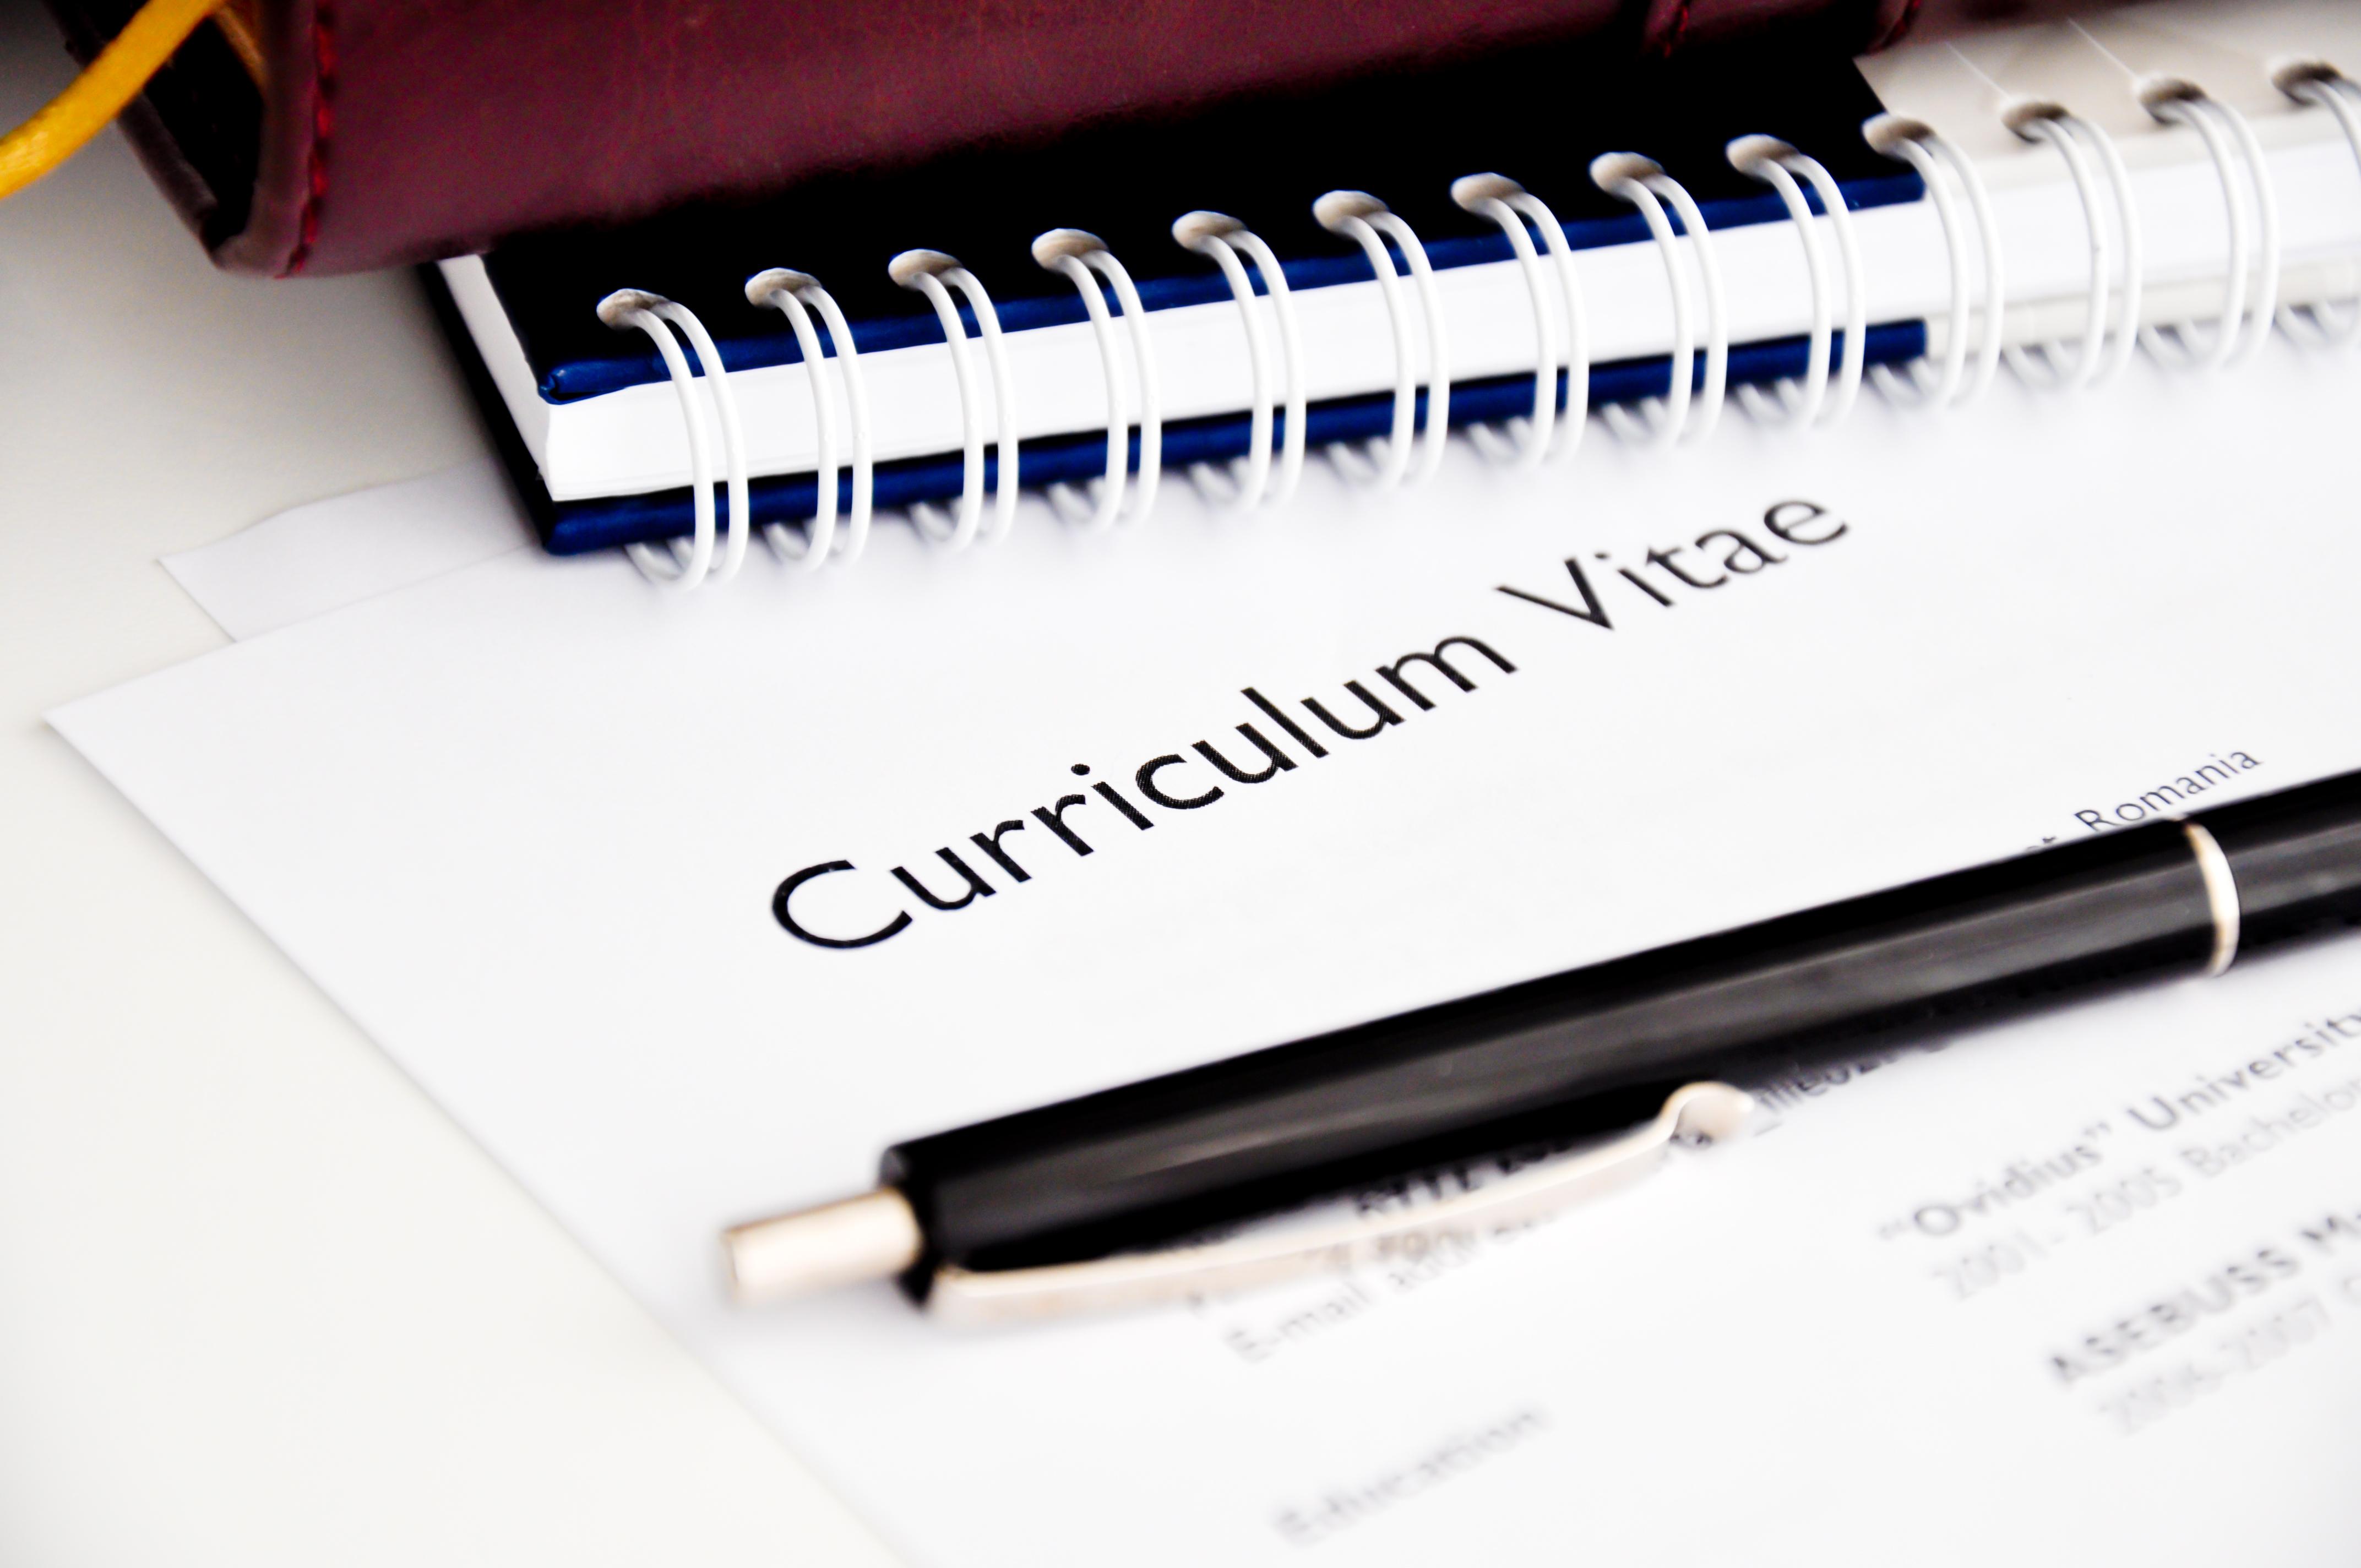 Jak napisać swoje pierwsze CV – cvhero.com zdradza najlepsze wskazówki i triki